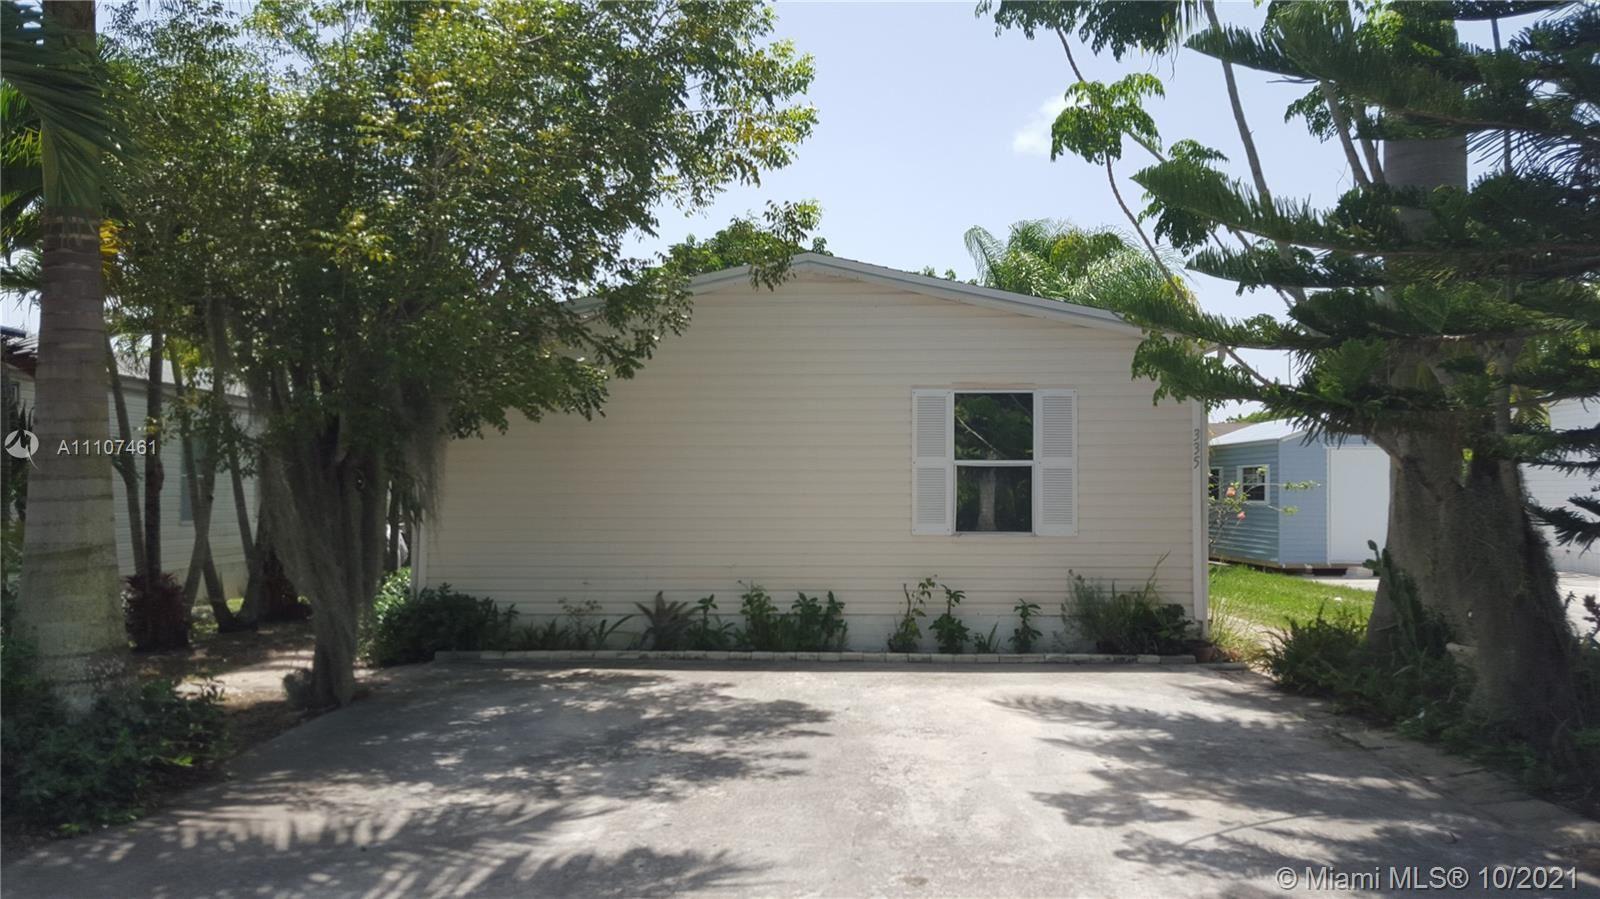 19800 SW 180th Ave Unit 335, Miami, FL 33187 - #: A11107461